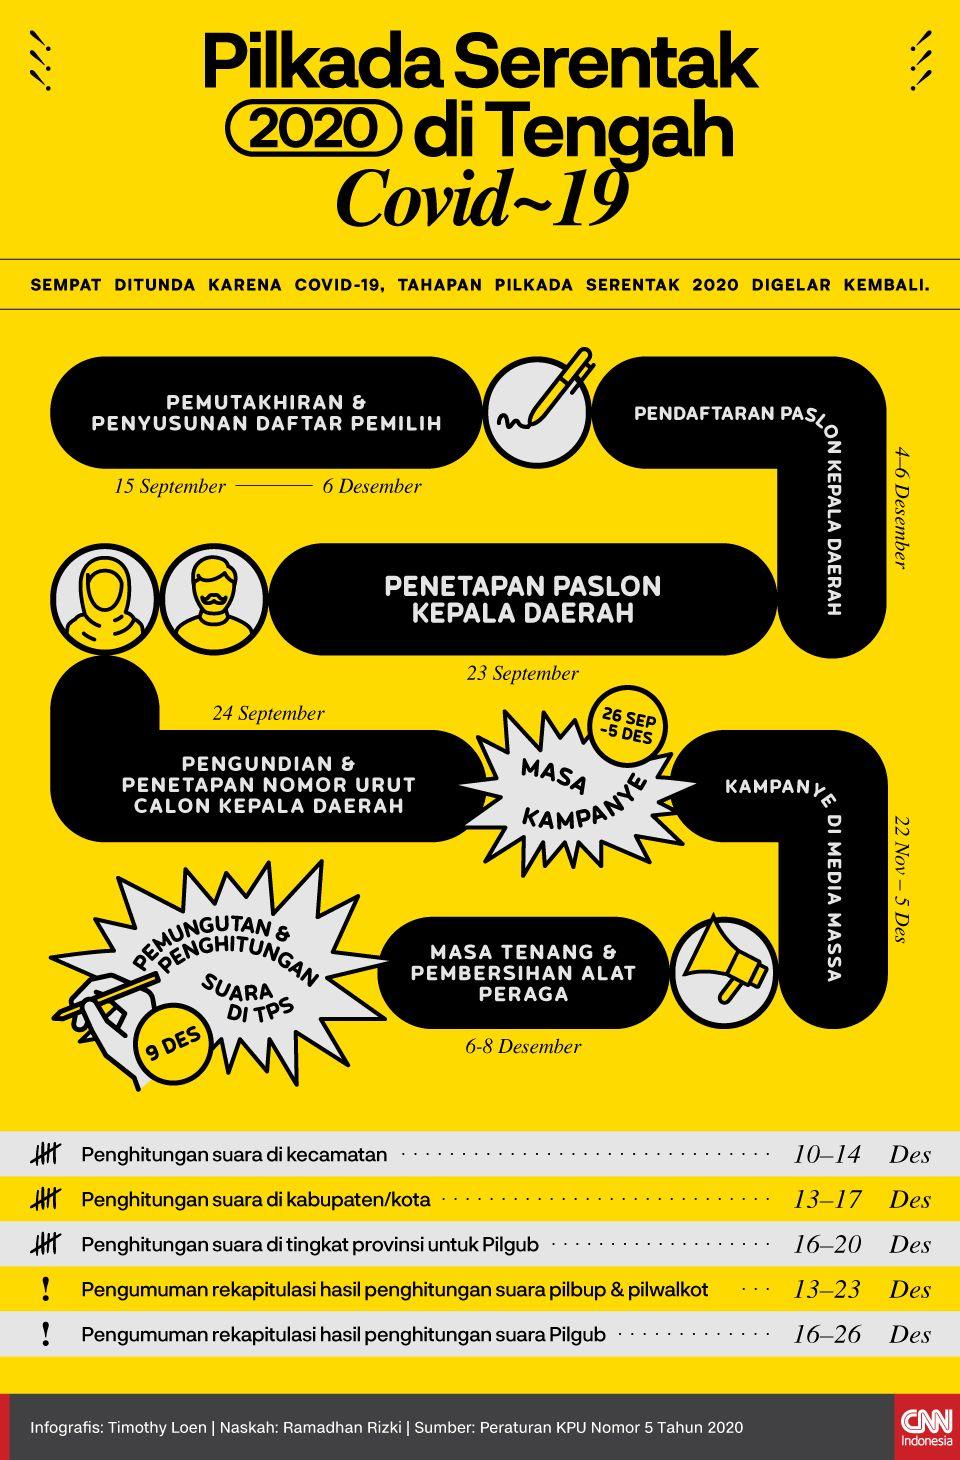 Infografis Pilkada Serentak 2020 di Tengah Covid-19